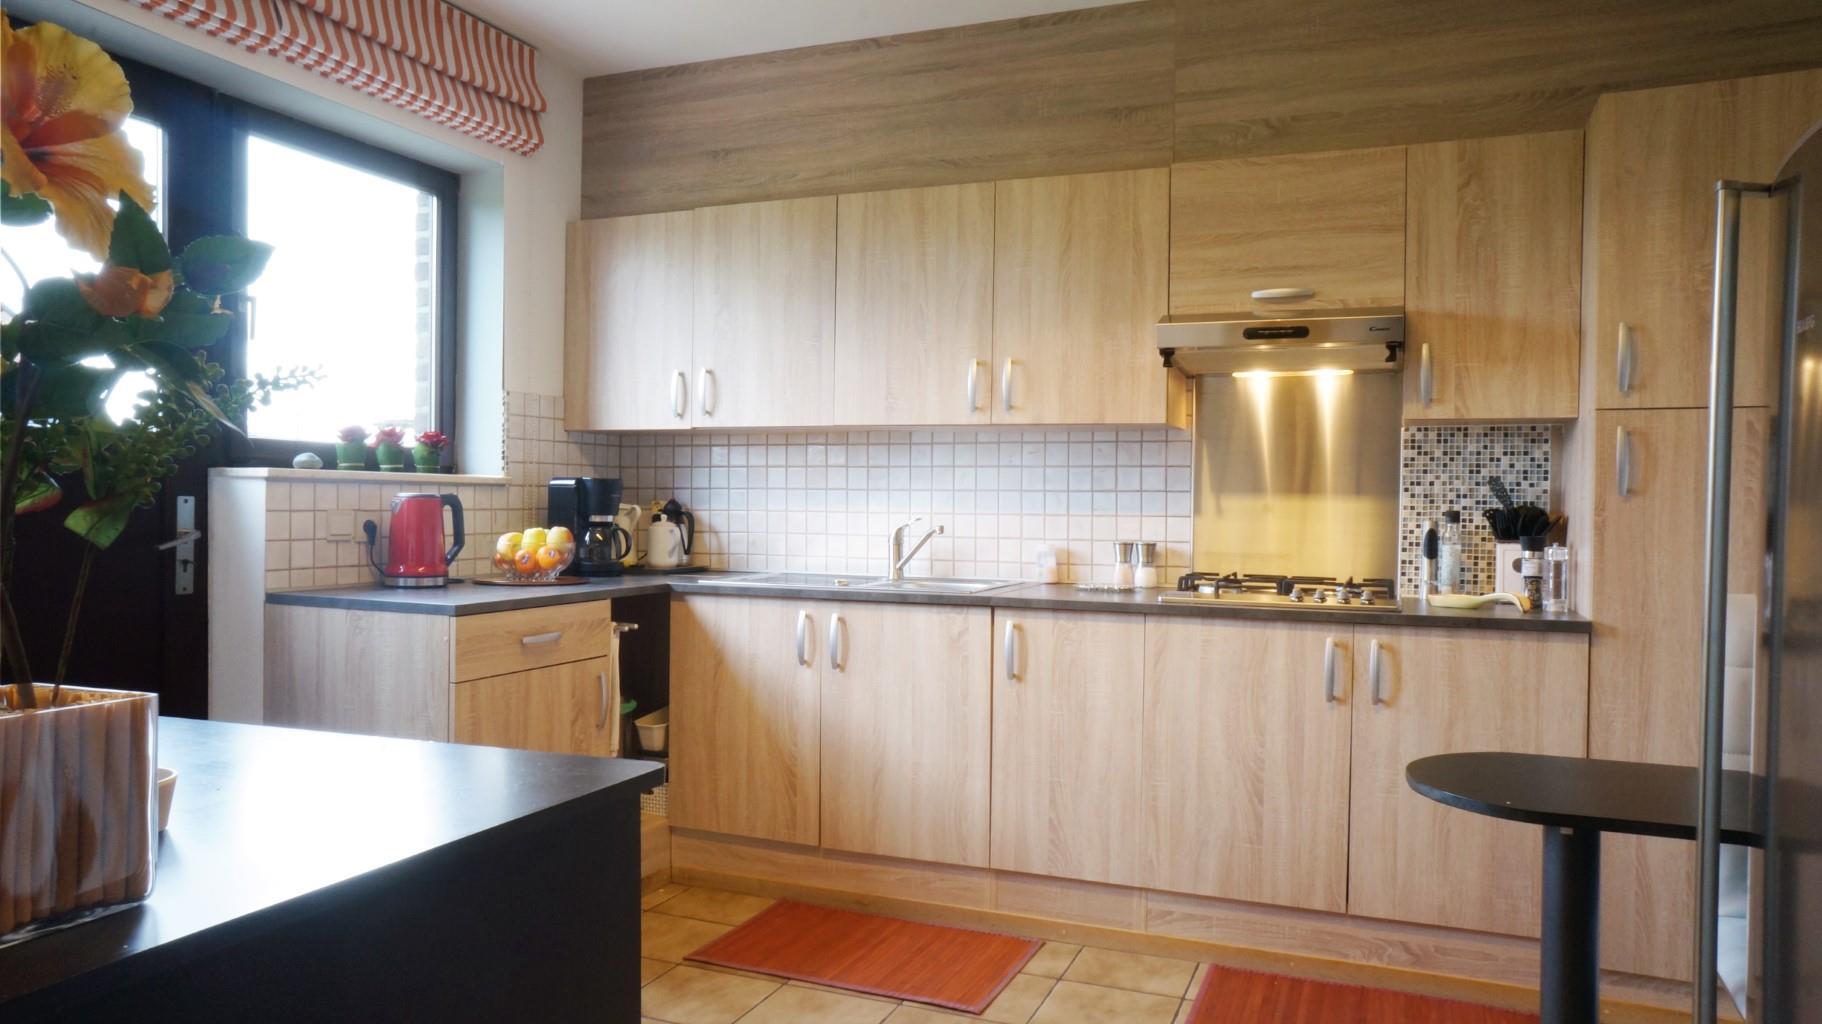 Maison - Perwez Thorembais-Saint-Trond - #4027352-6